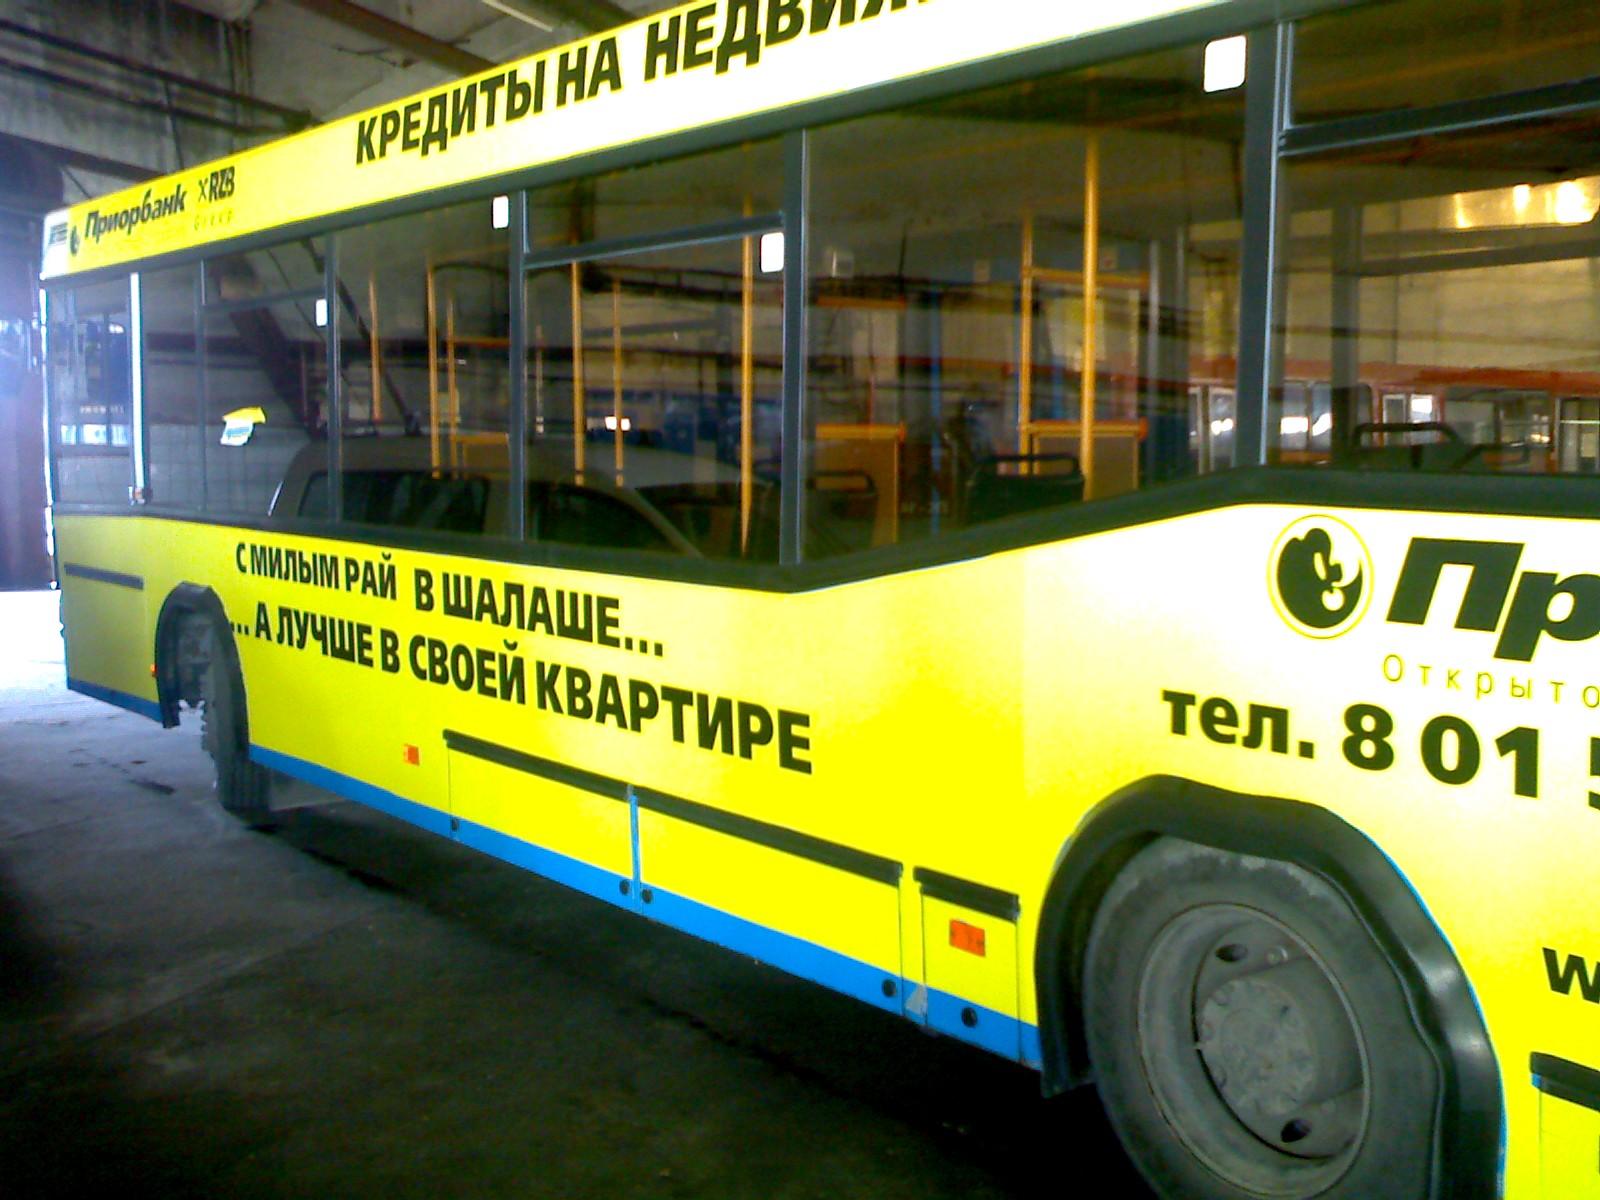 11 1 Рекламная компания на маршрутном общественном транспорте. Приорбанк